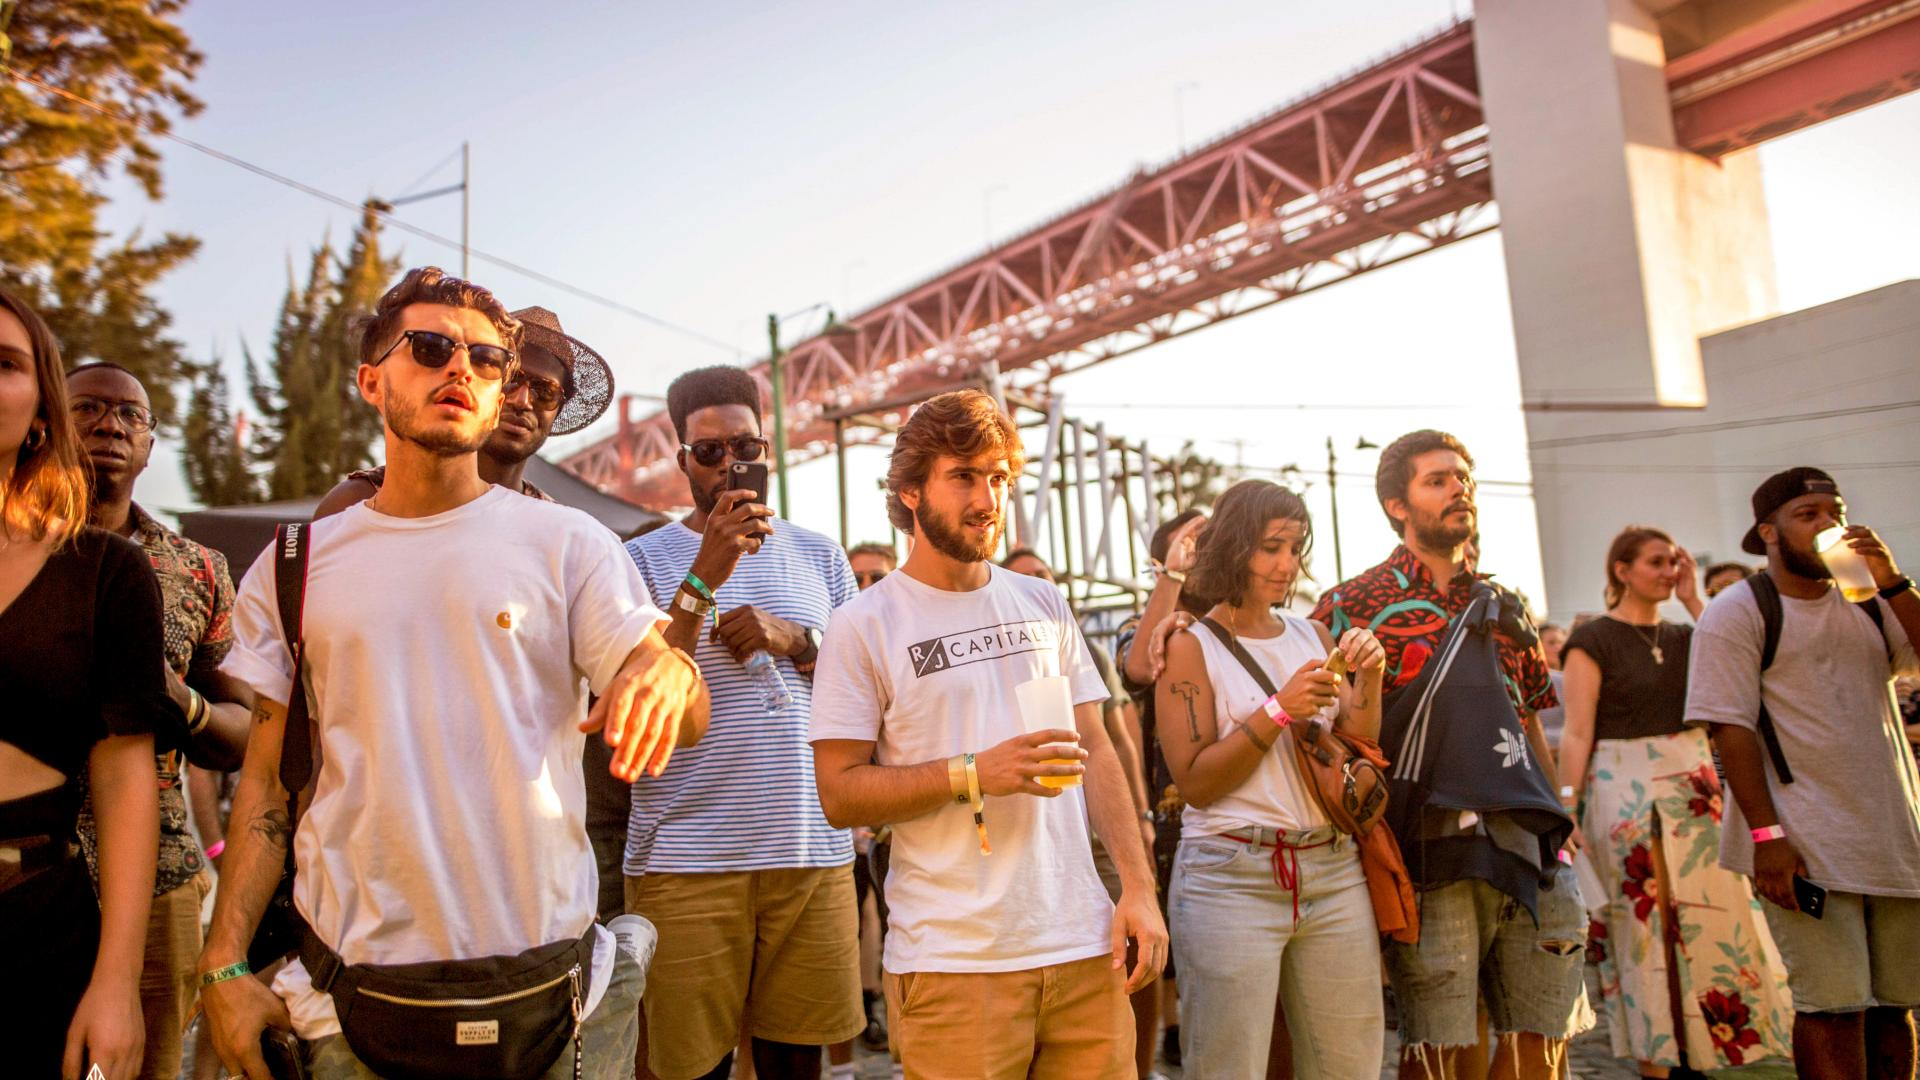 Nova Batida festival